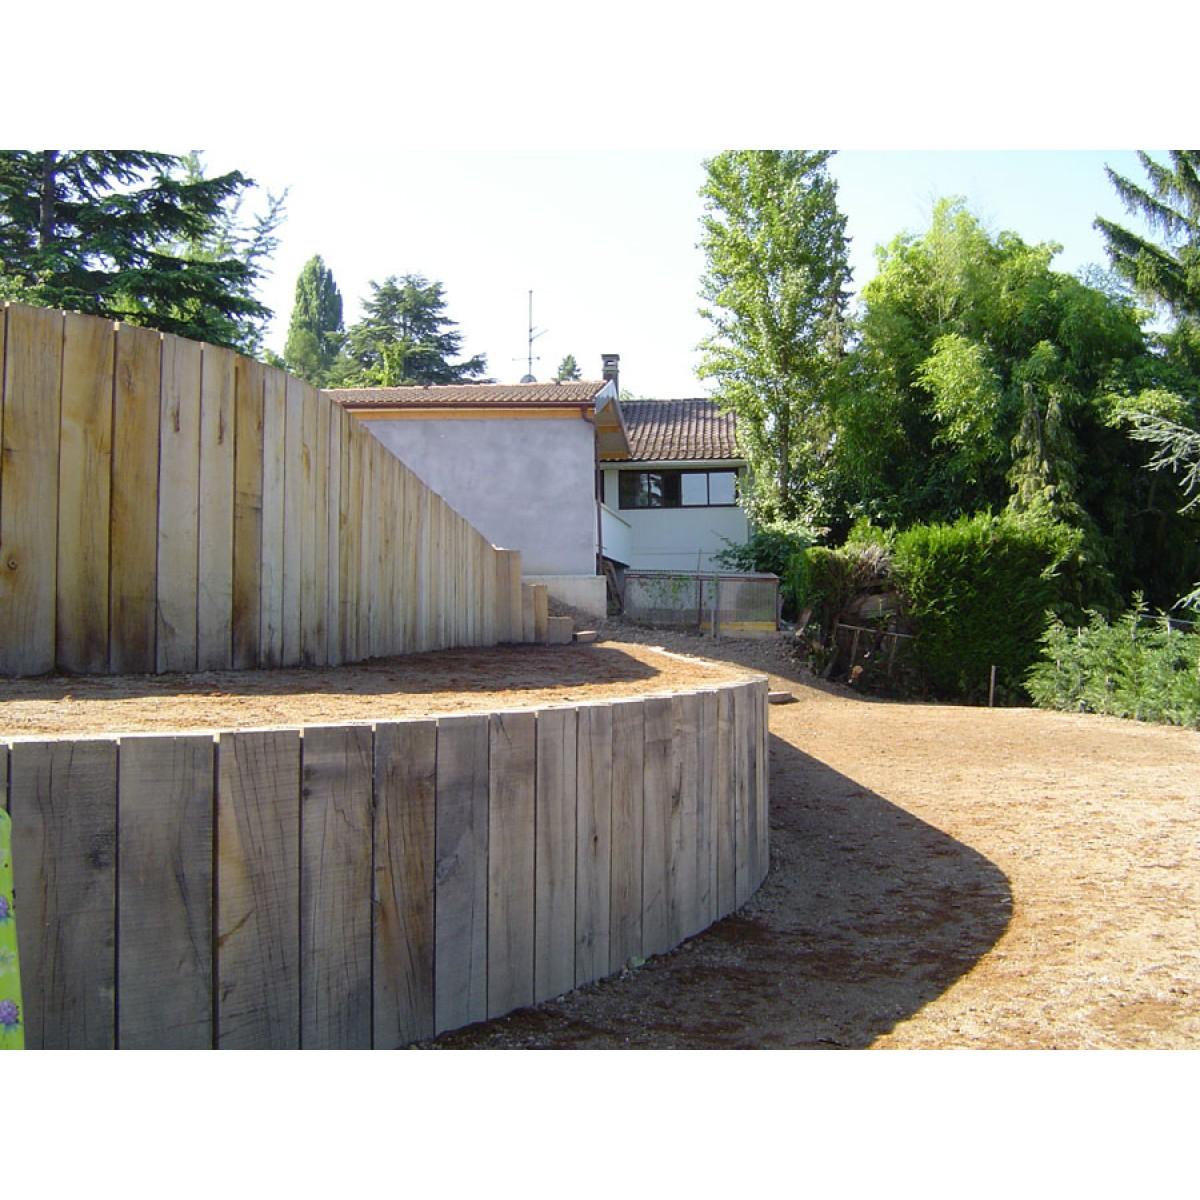 Traverse De Chemin De Fer Neuve (Dimensions 2600 X 260 X 150) concernant Traverses De Chemin De Fer Pour Jardin